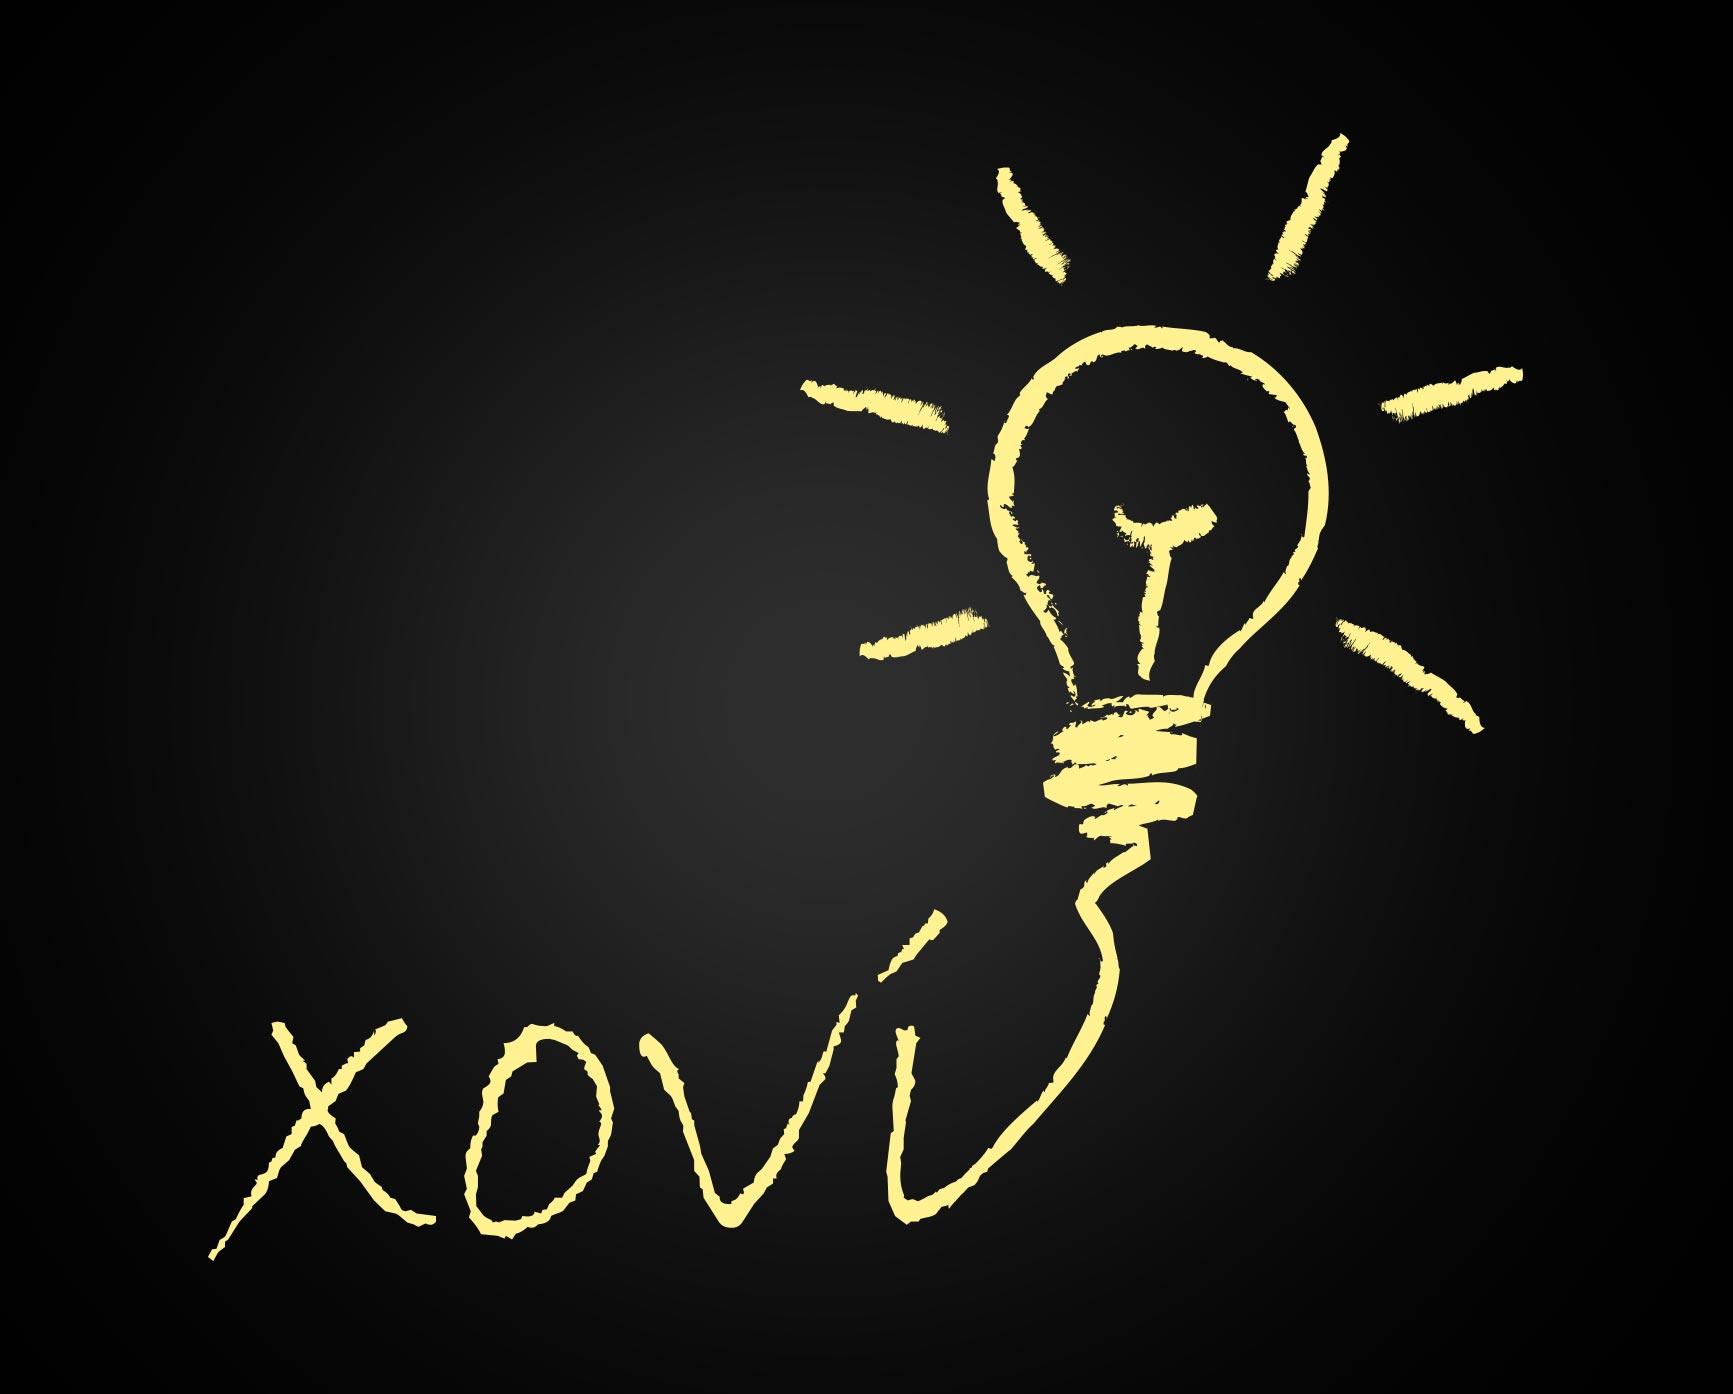 Übersicht der Xovilichter-Filme